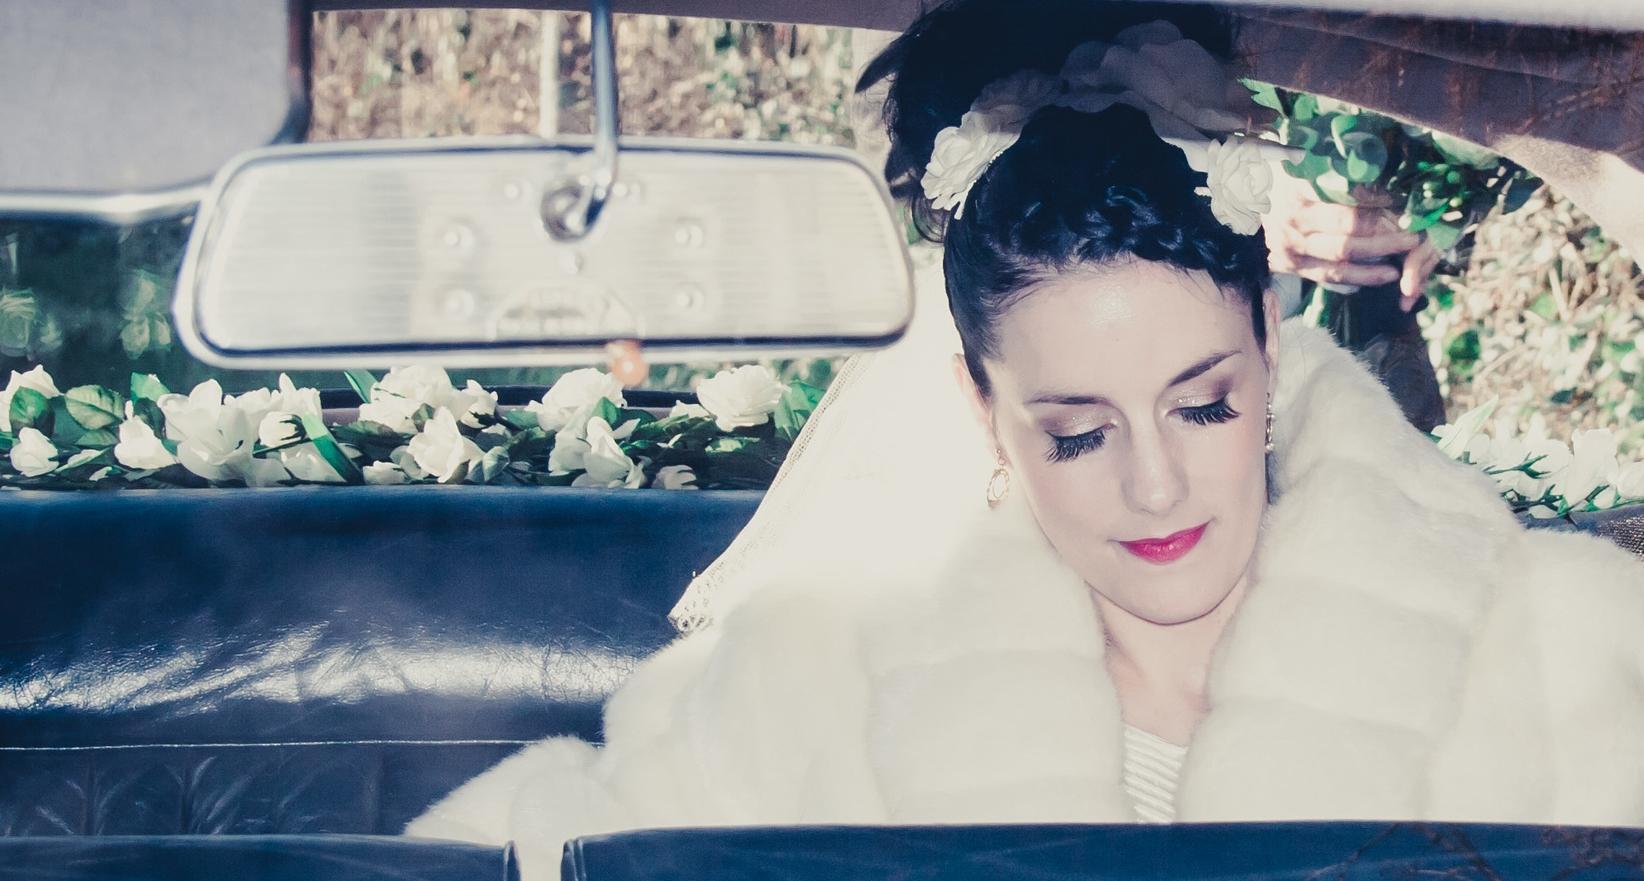 062 - Angela and Karls Wedding by www.markpugh.com -2041.jpg